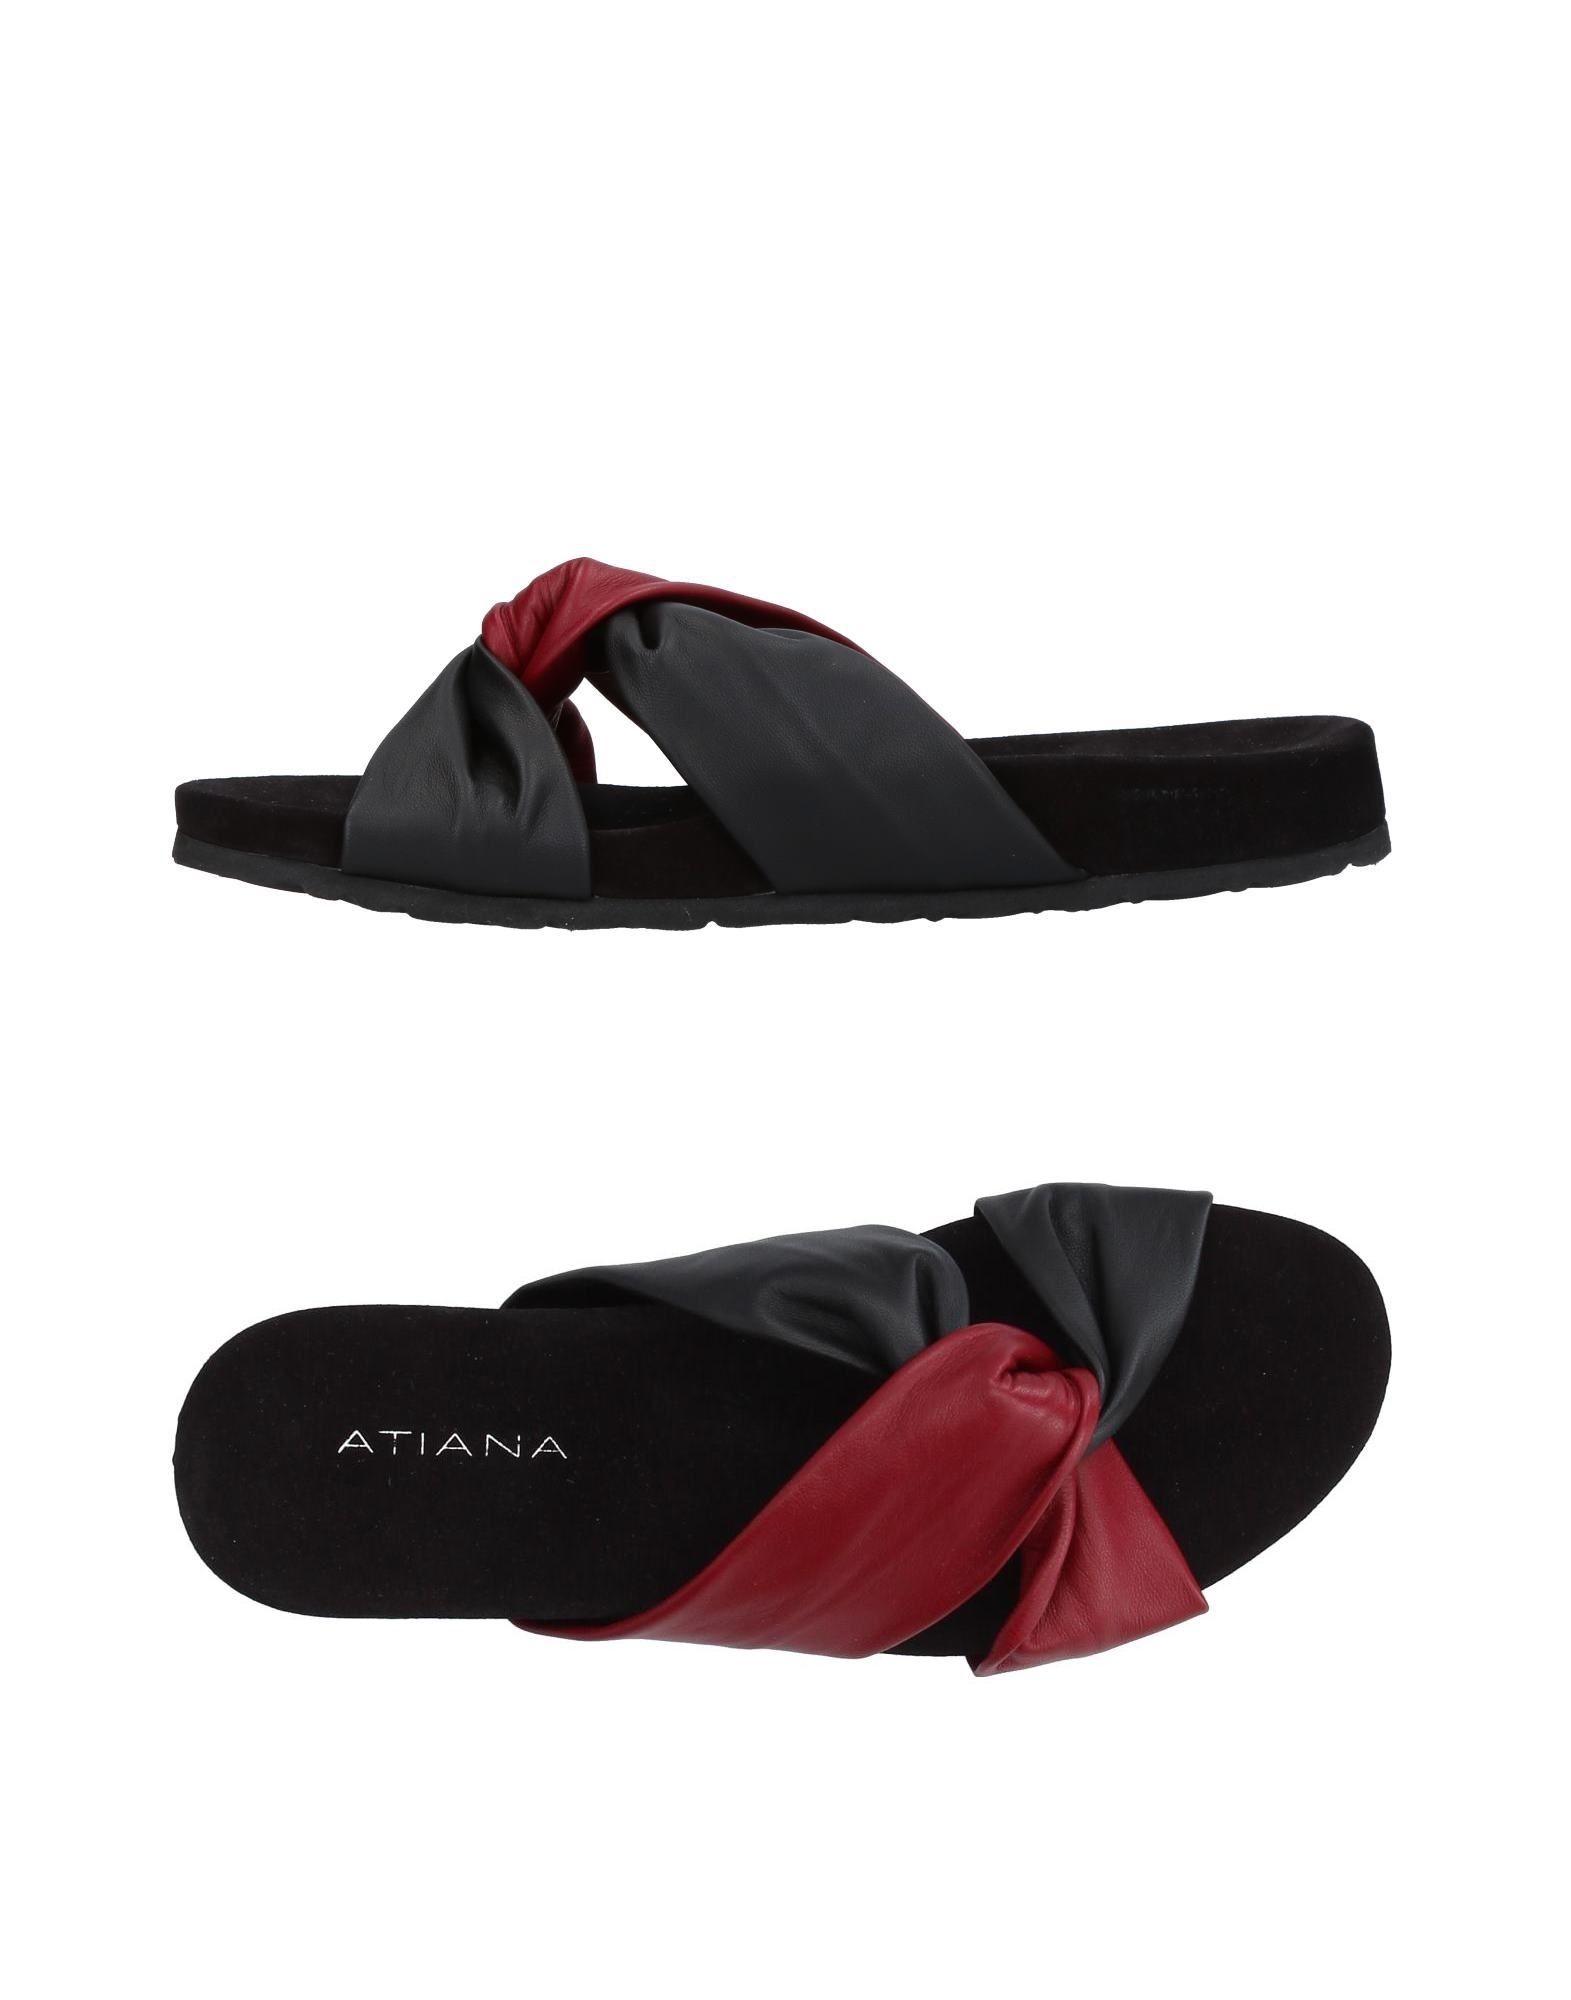 Atiana Sandalen Damen  11401524RB Gute Qualität beliebte Schuhe